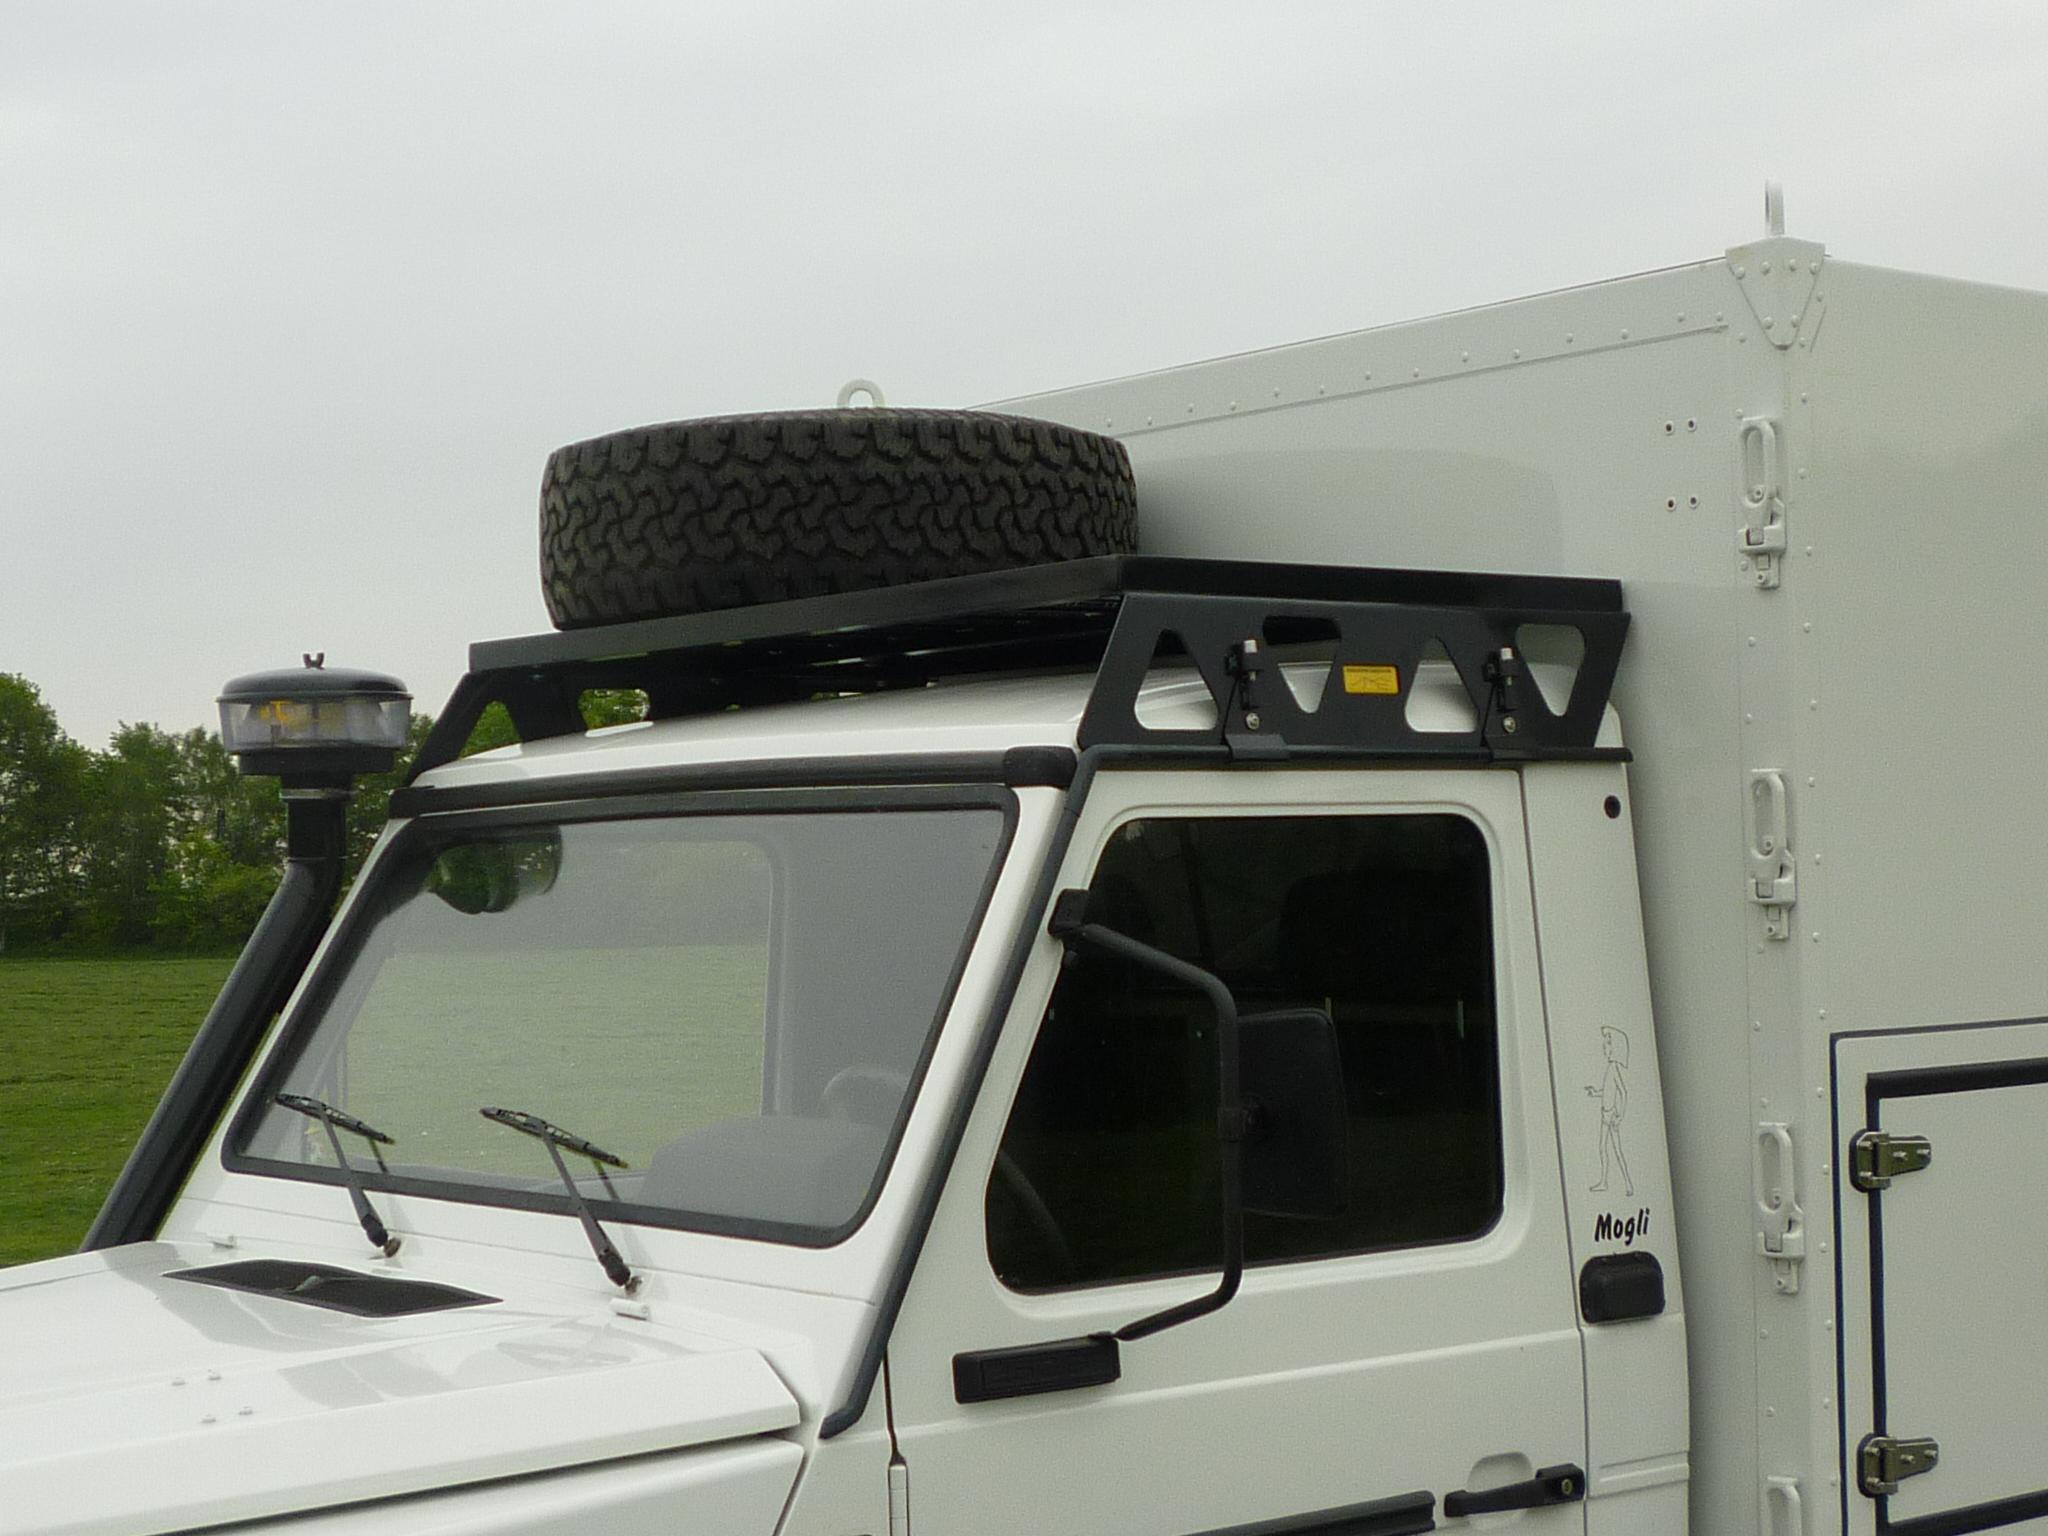 Aluminiumsnorkel Mercedes G 463 links mit Zyklon Vorfilter